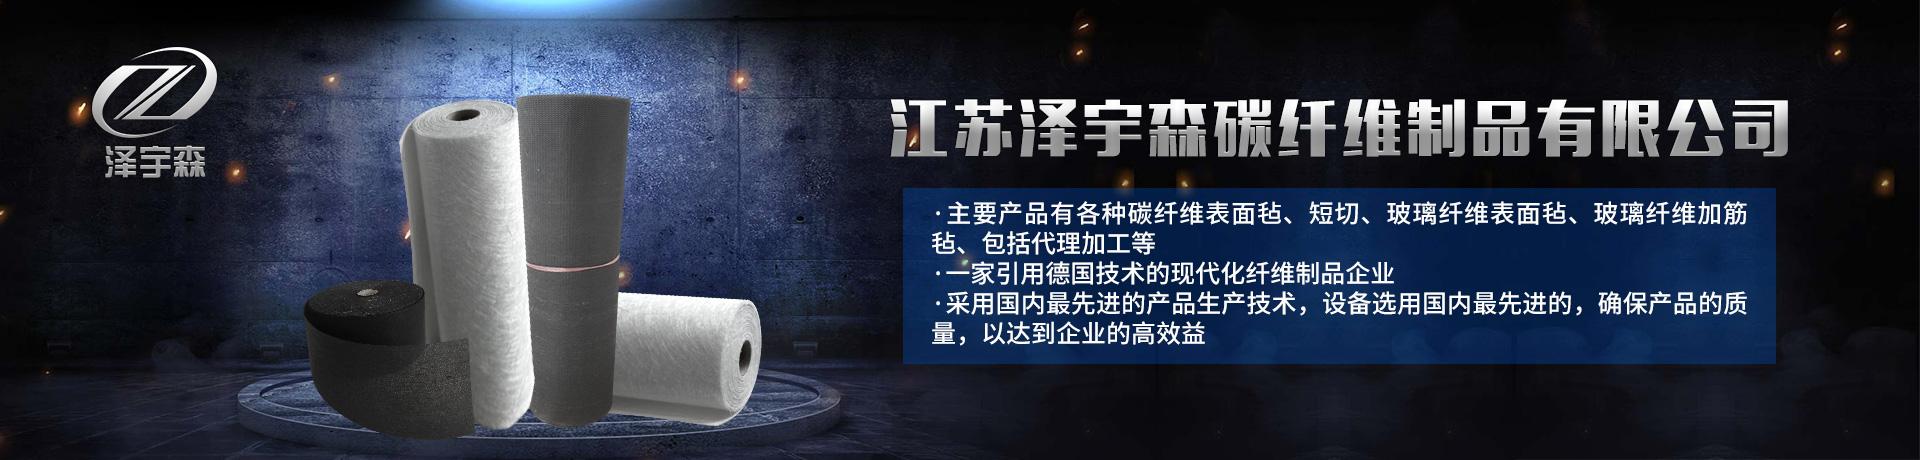 江苏泽宇森碳纤维制品有限公司